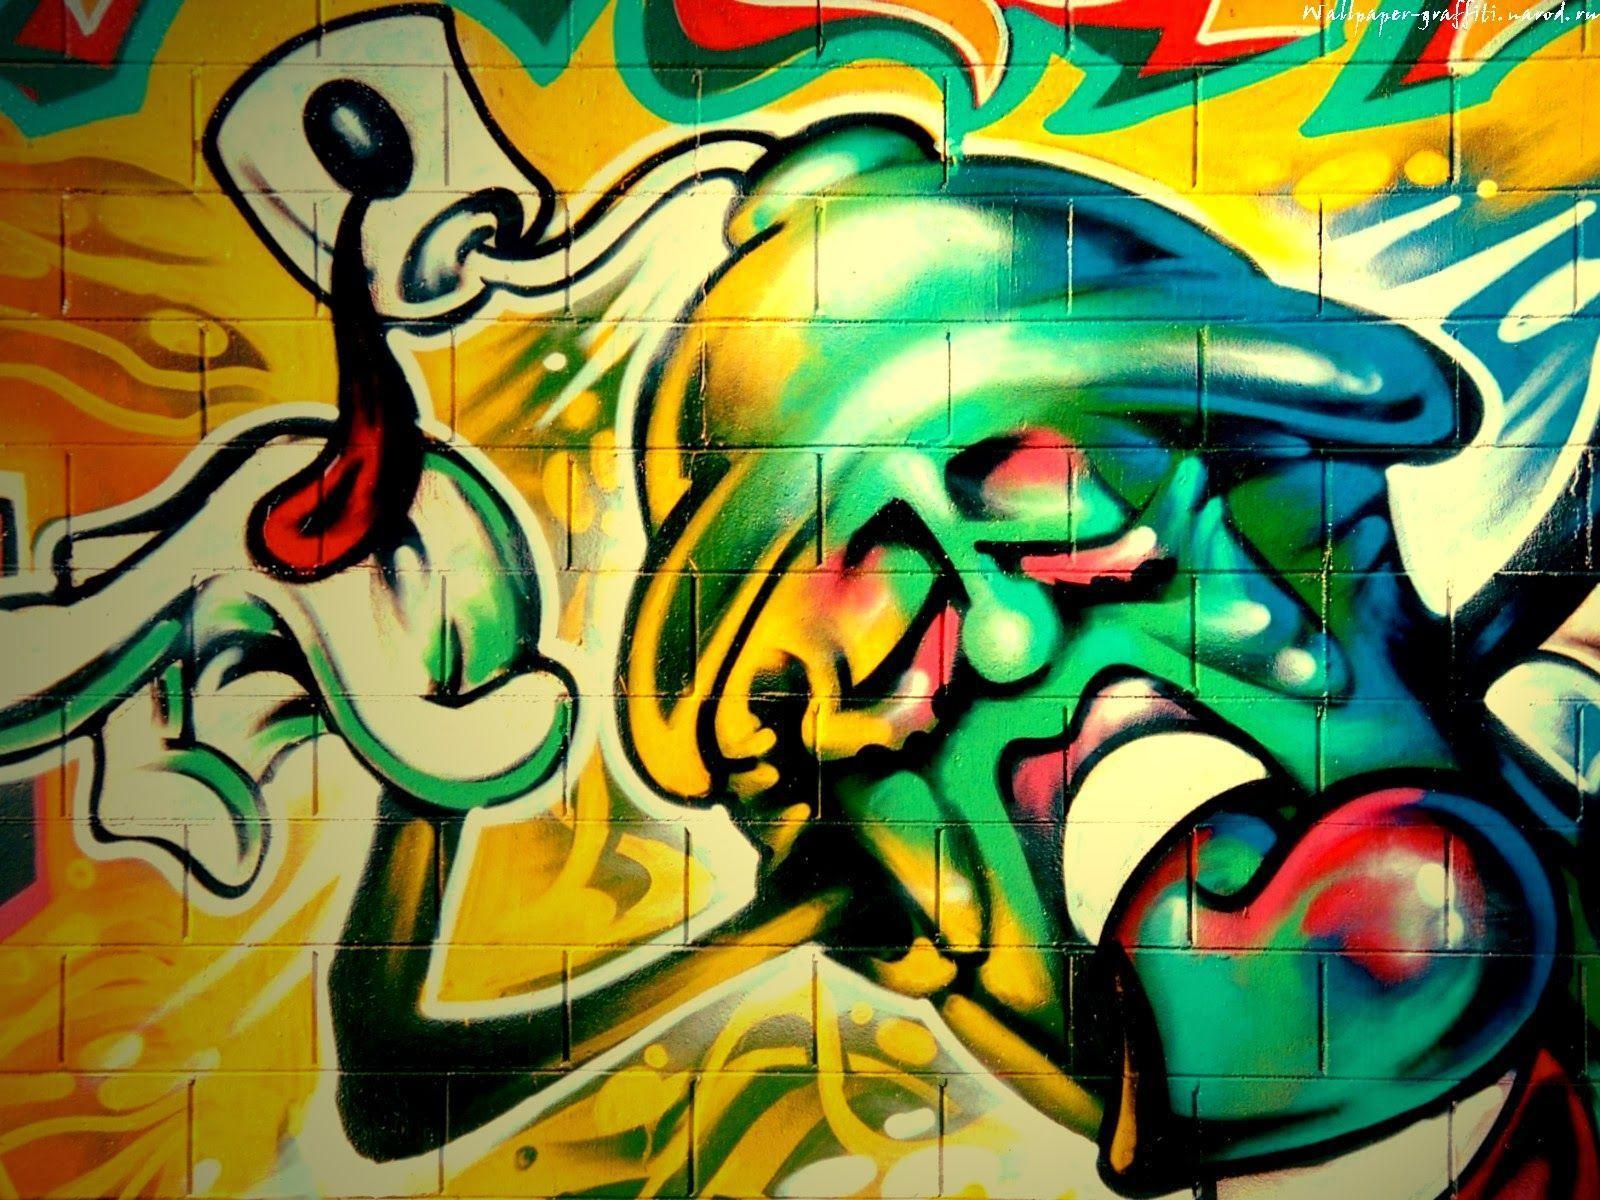 Wallpapers Graffiti Creator - Wallpaper Cave